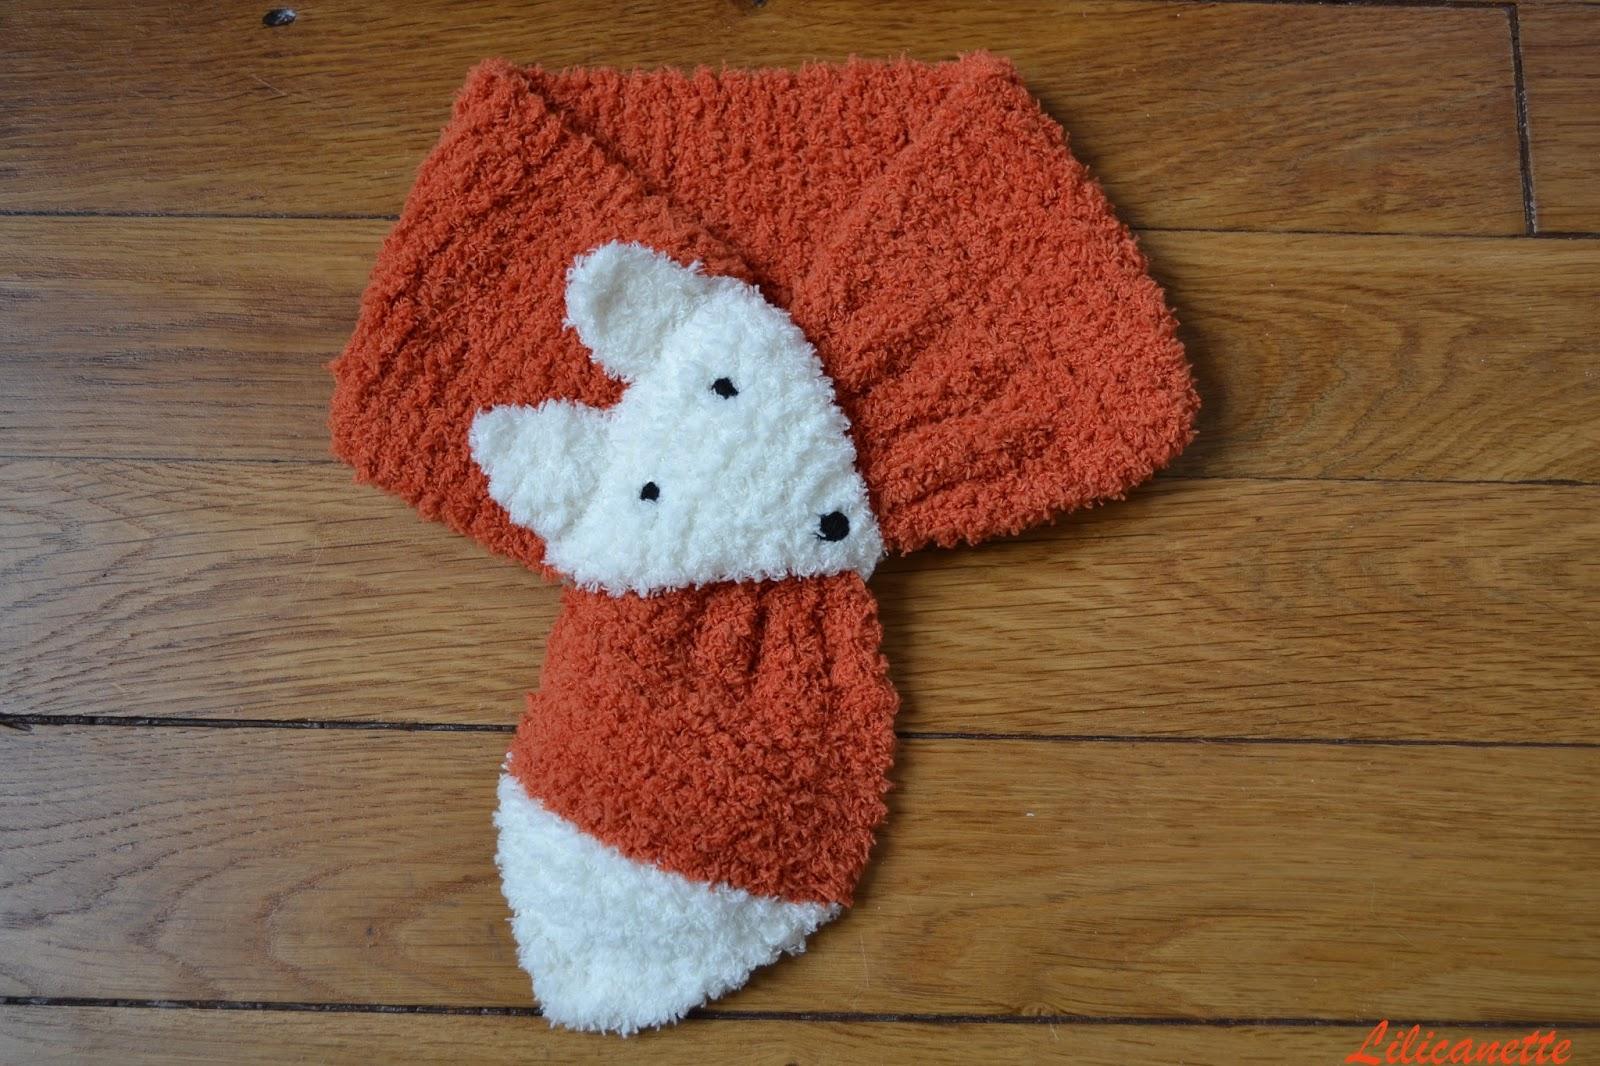 grande remise brillance des couleurs artisanat de qualité Lilicanette: Tricot - Echarpe renard pour bébé (+ tuto)